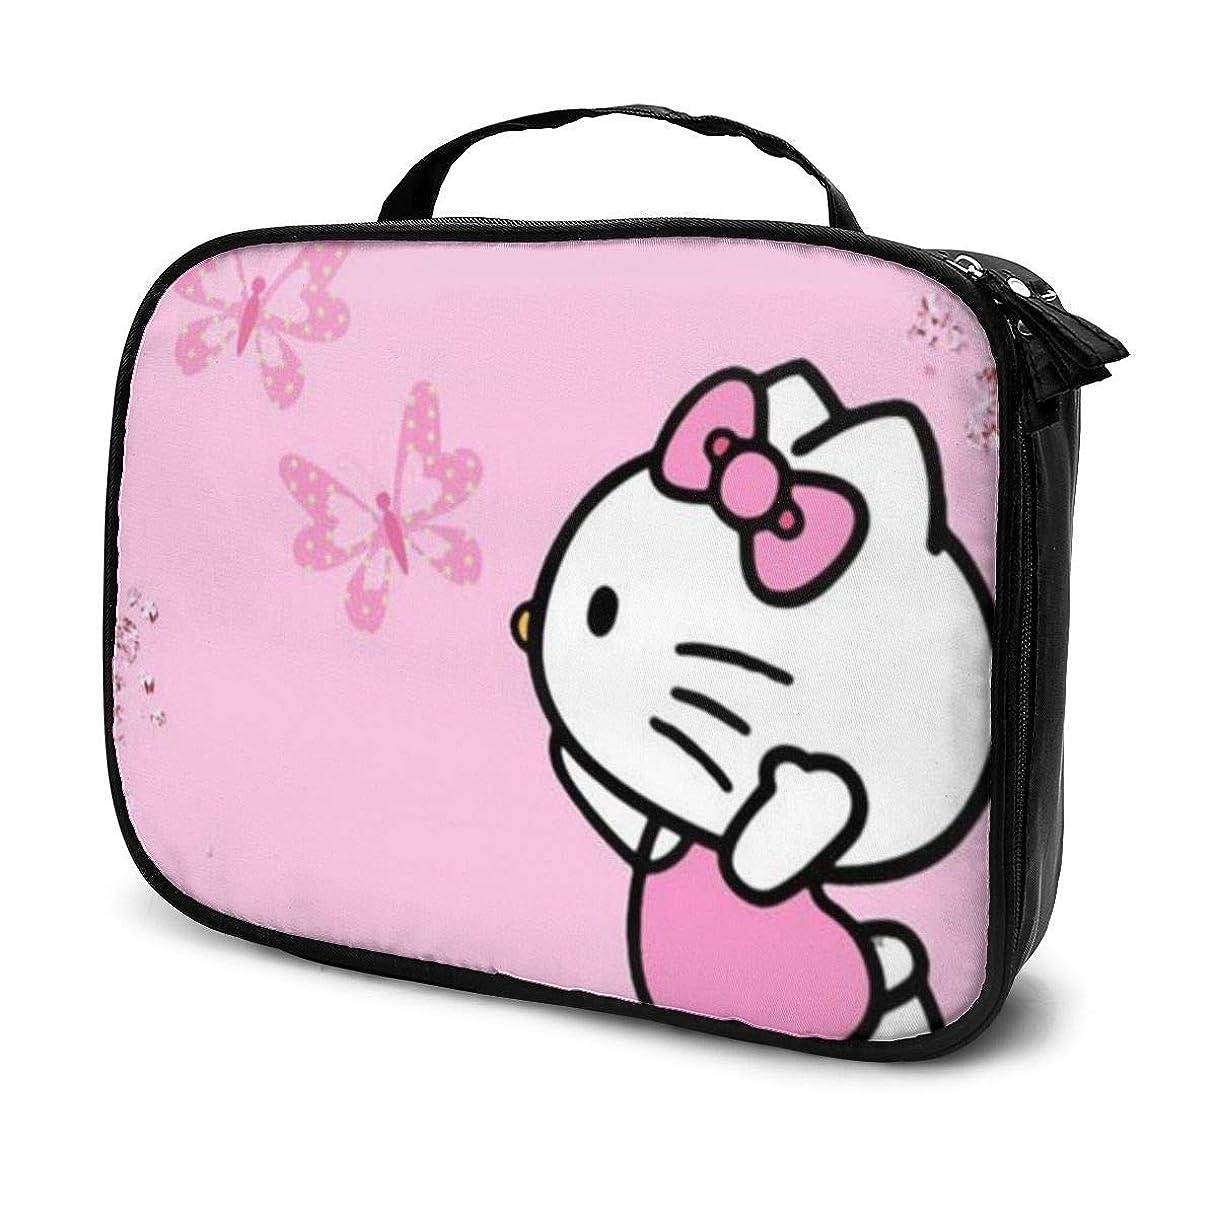 アダルト飛行場あいまいなDaitu蝶とキティ 化粧品袋の女性旅行バッグ収納大容量防水アクセサリー旅行